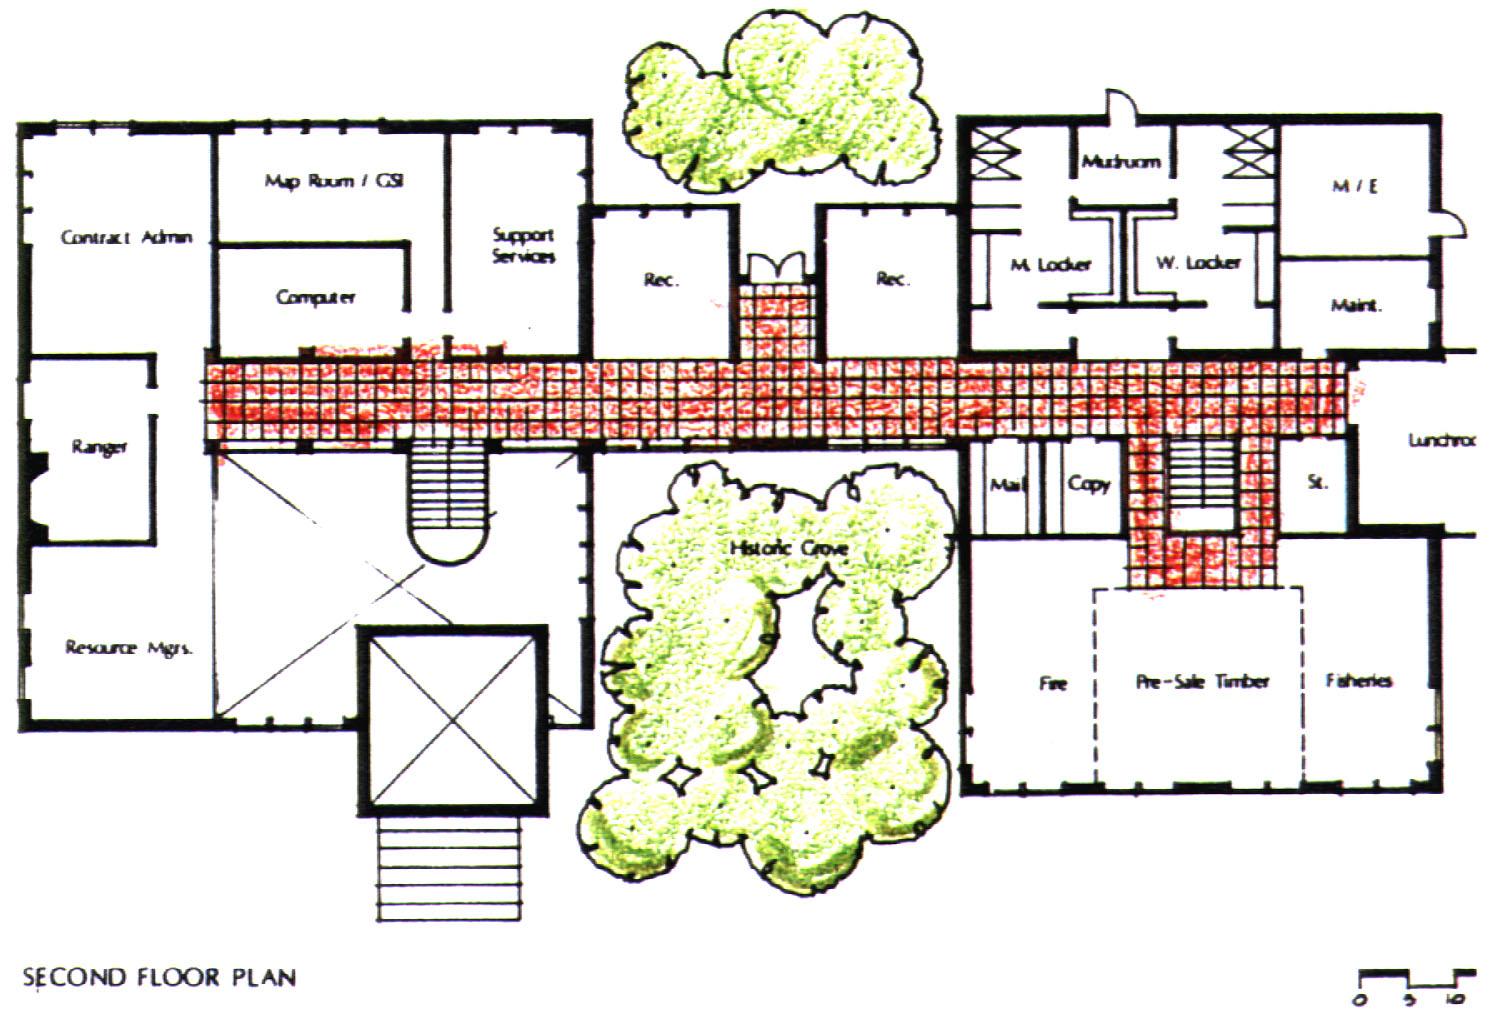 USFS Wenatchee 2nd Floor Plan.jpg